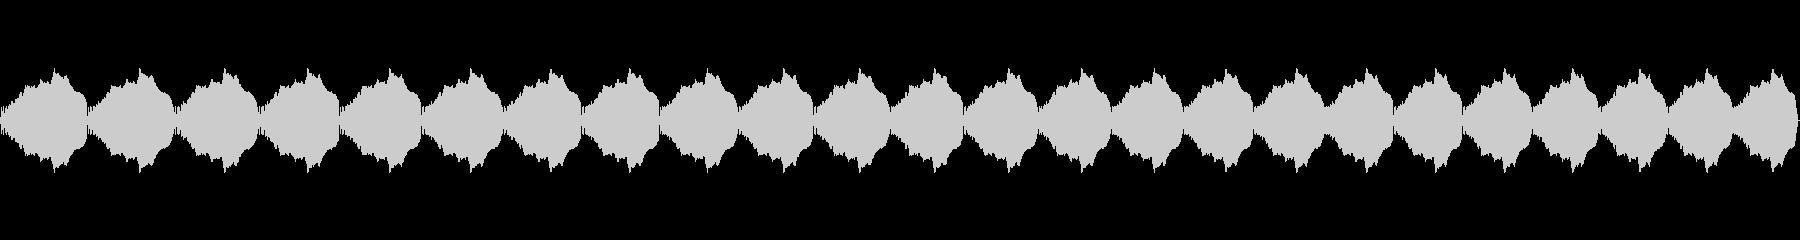 鳥のような鳴き声、ピッチアップ:繰...の未再生の波形